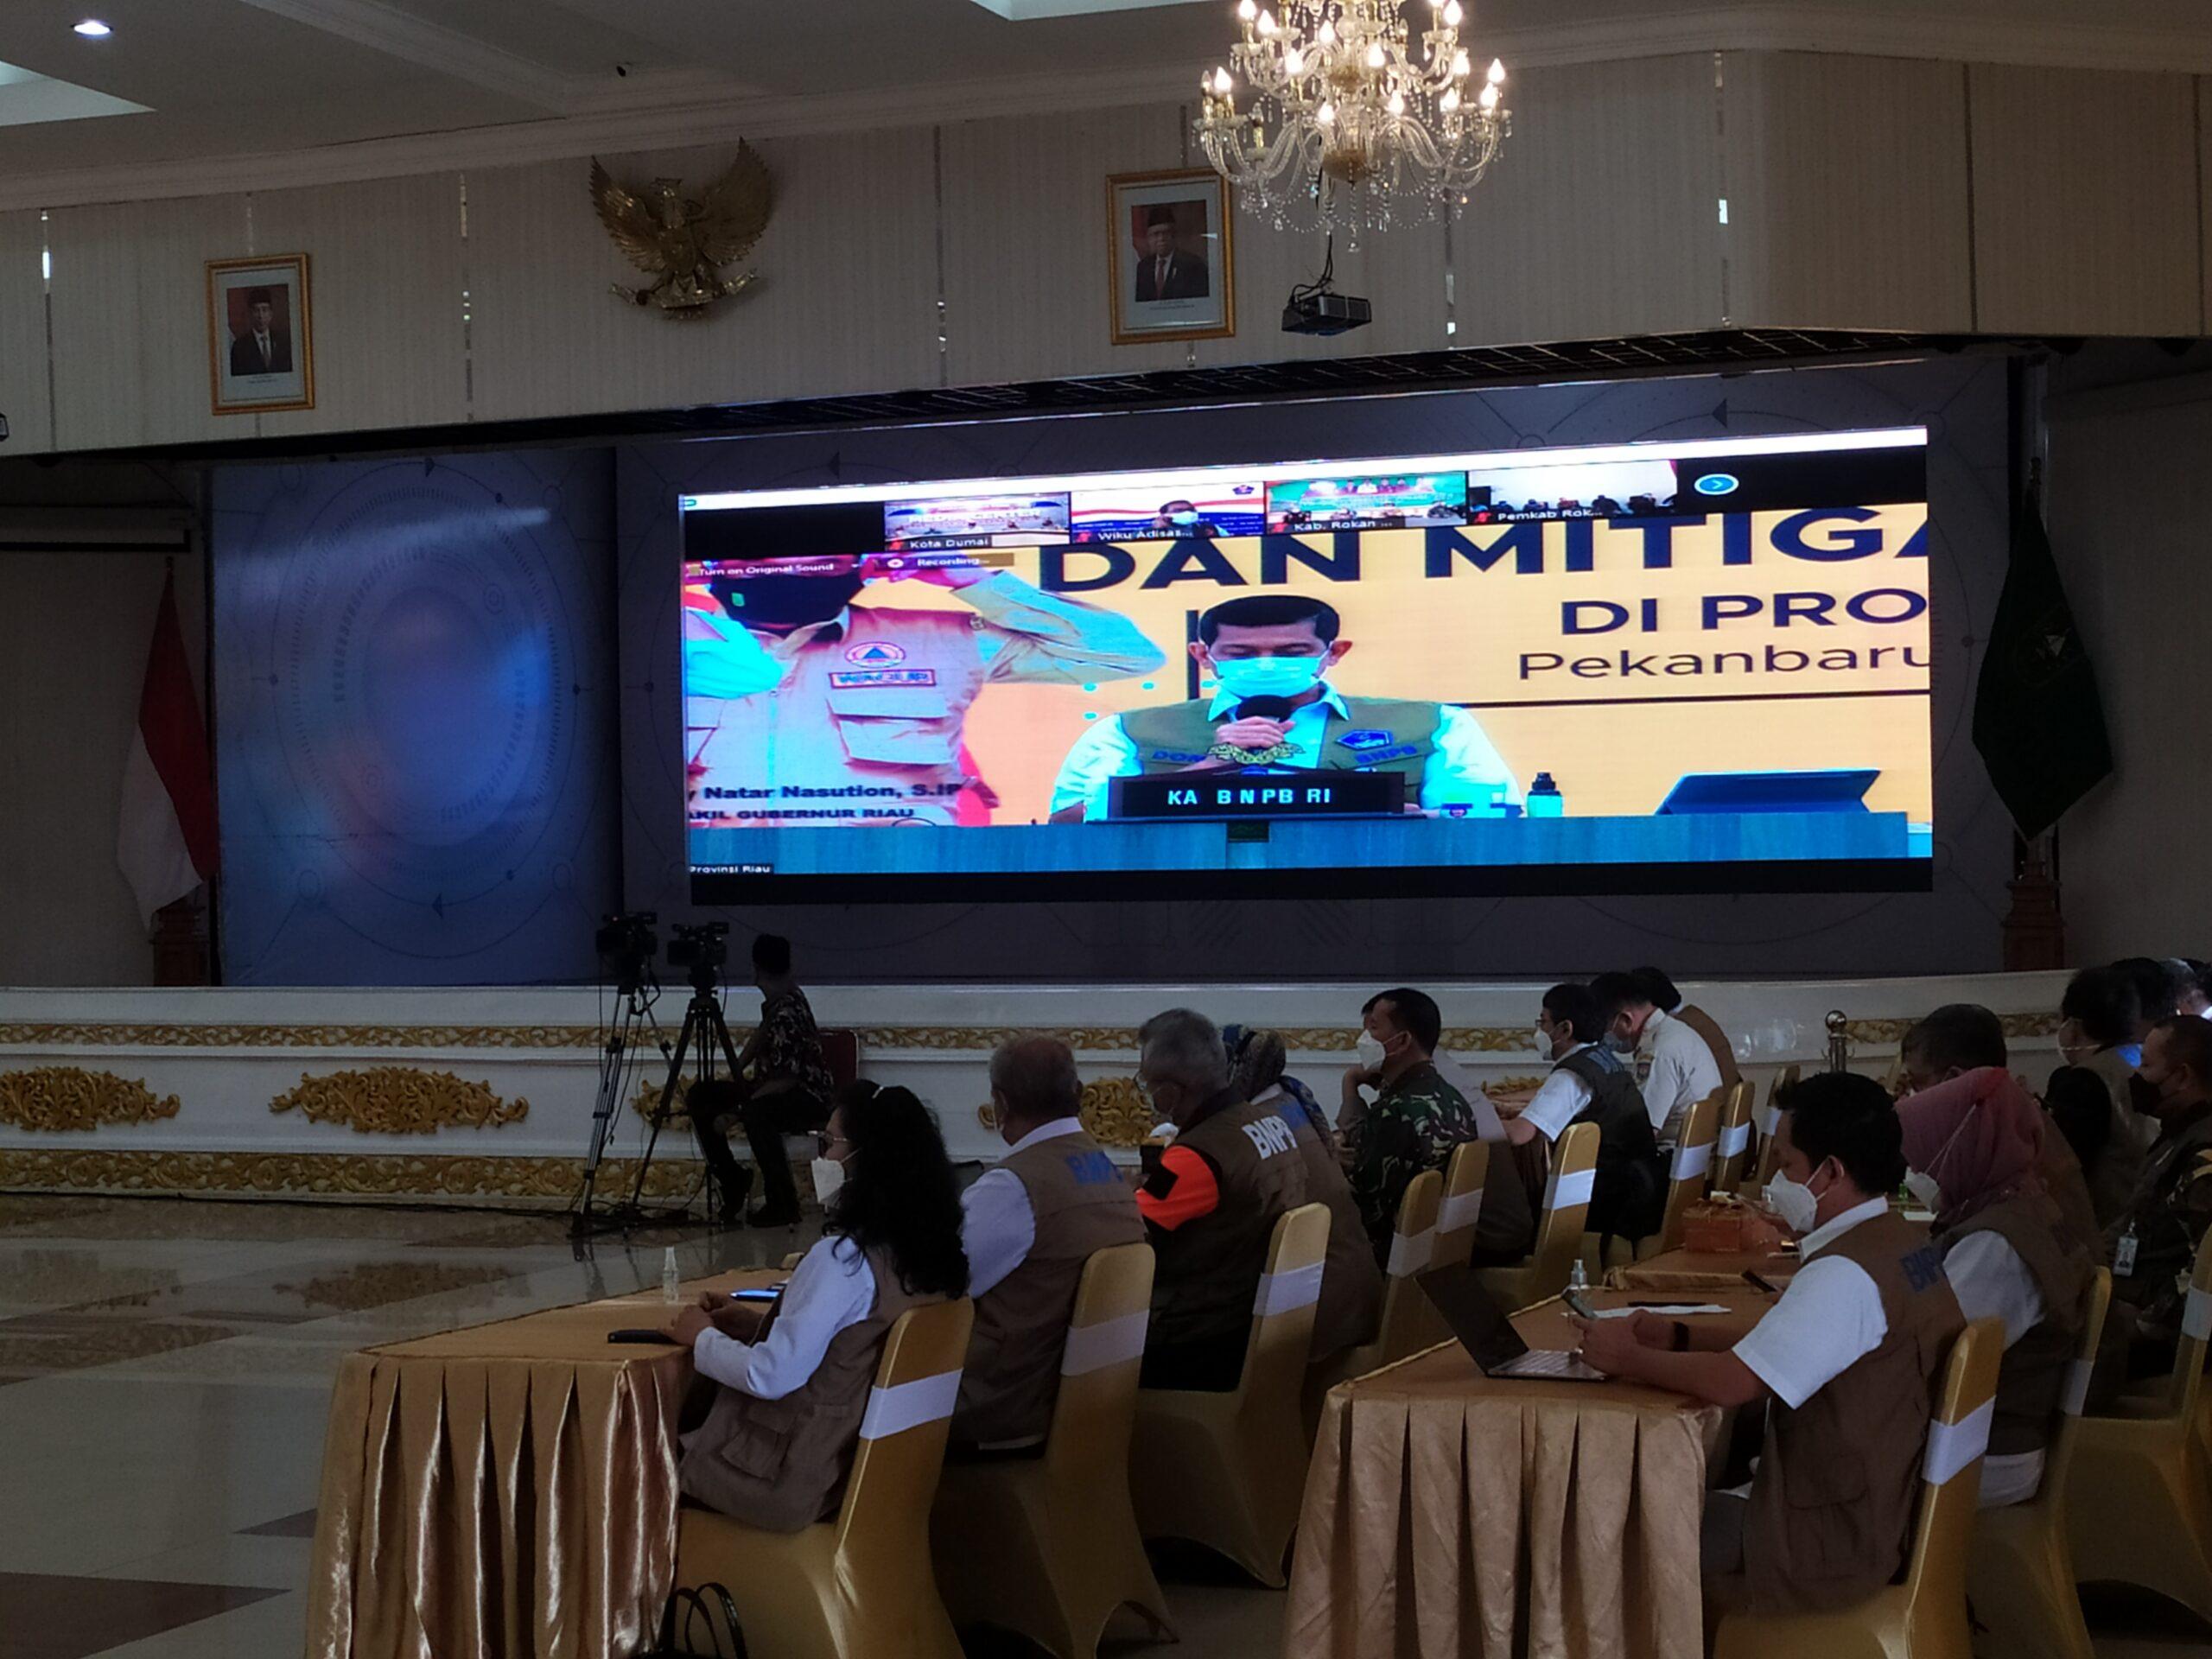 Wali Kota Dumai Malah Absen Rapat dengan Kepala BPNB